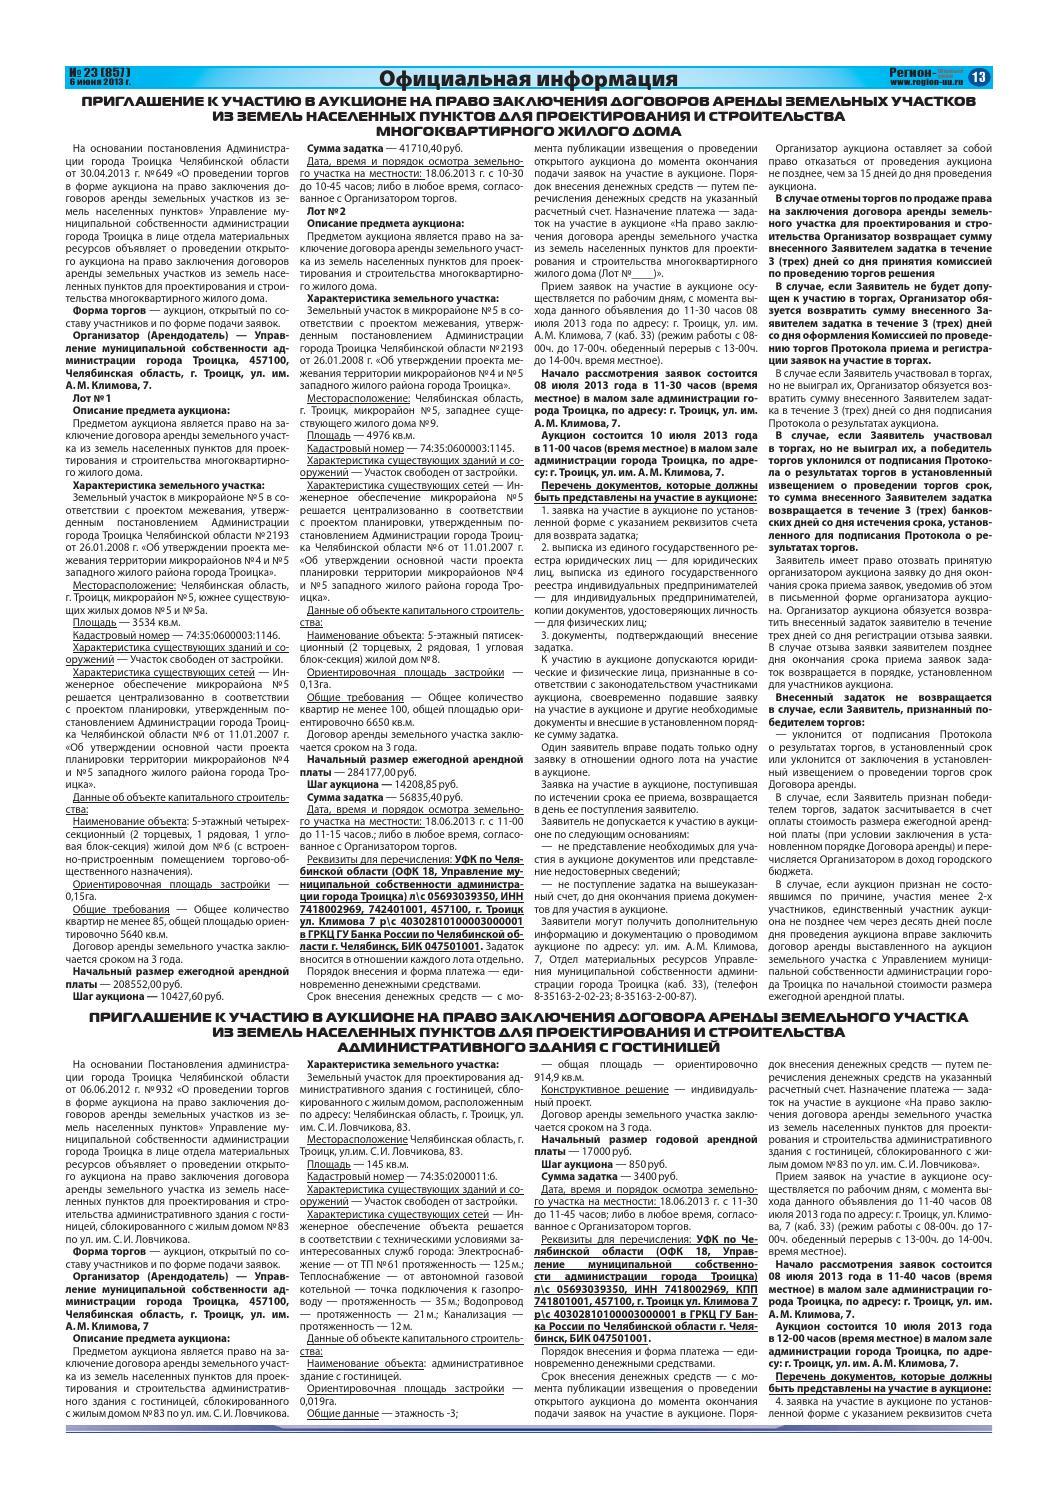 в какой газете публикуются аукционы земельных участков